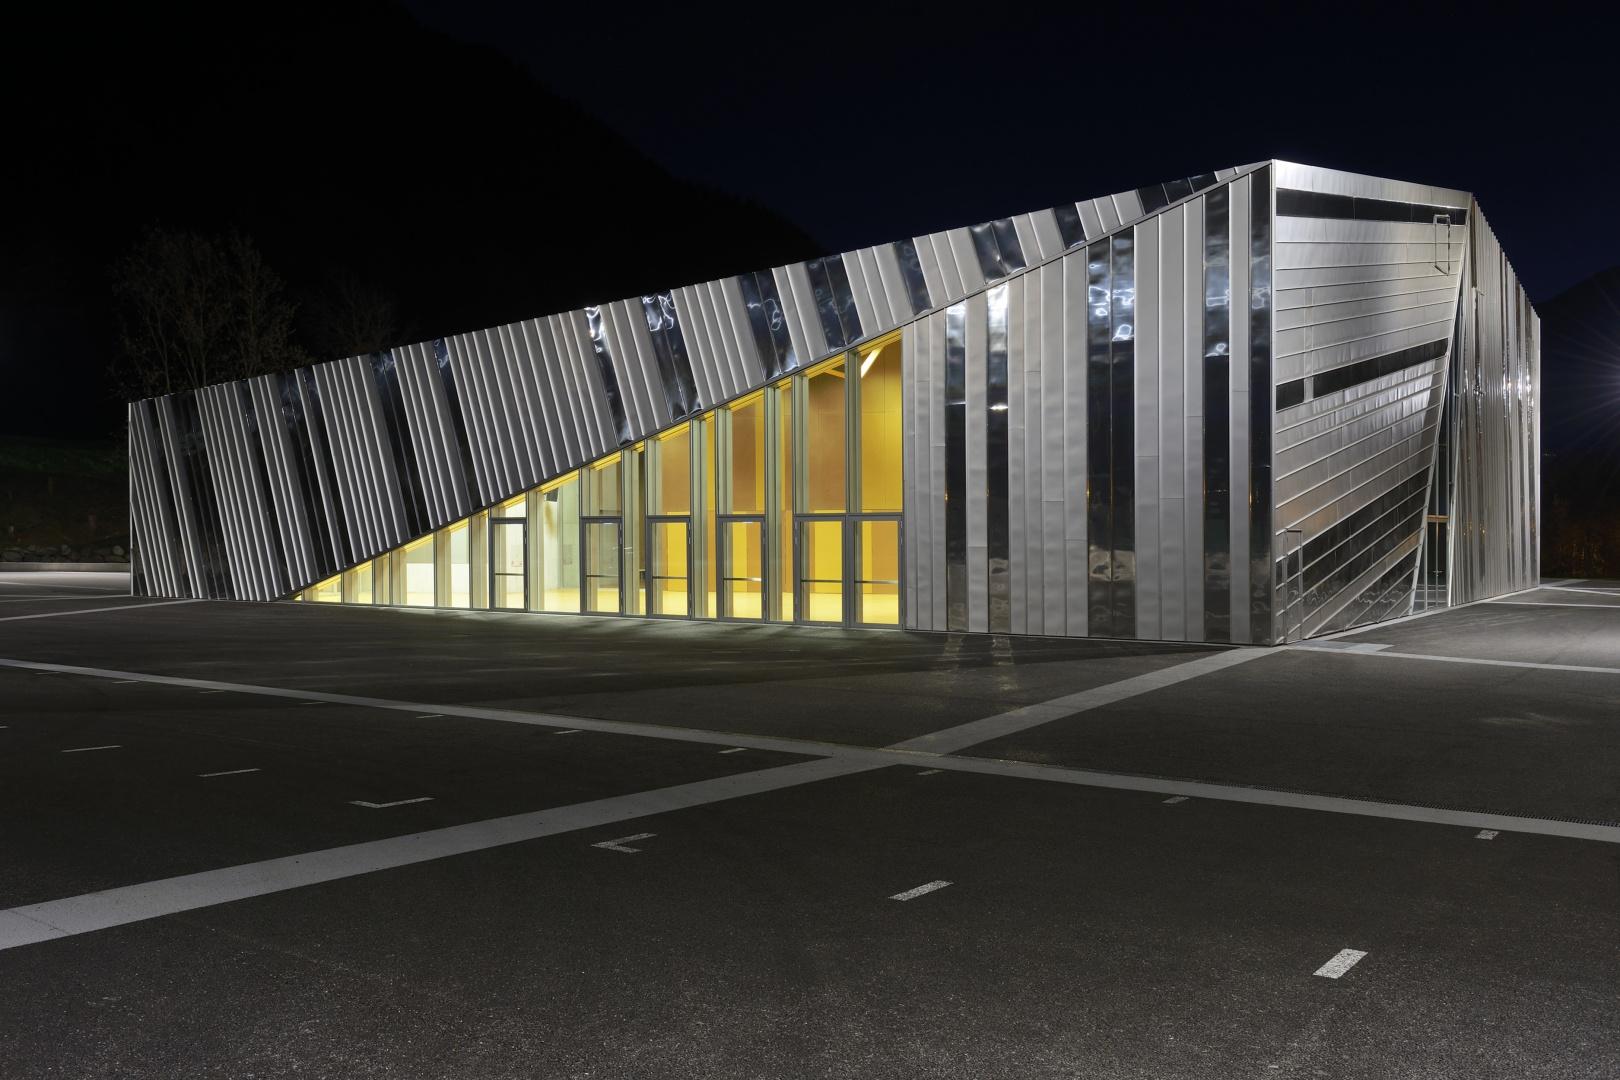 Vue Extérieur - Nuit - 2 © Pierre Boss, Rue de l'industrie 1  1020 Renens VD (Libre de droits)